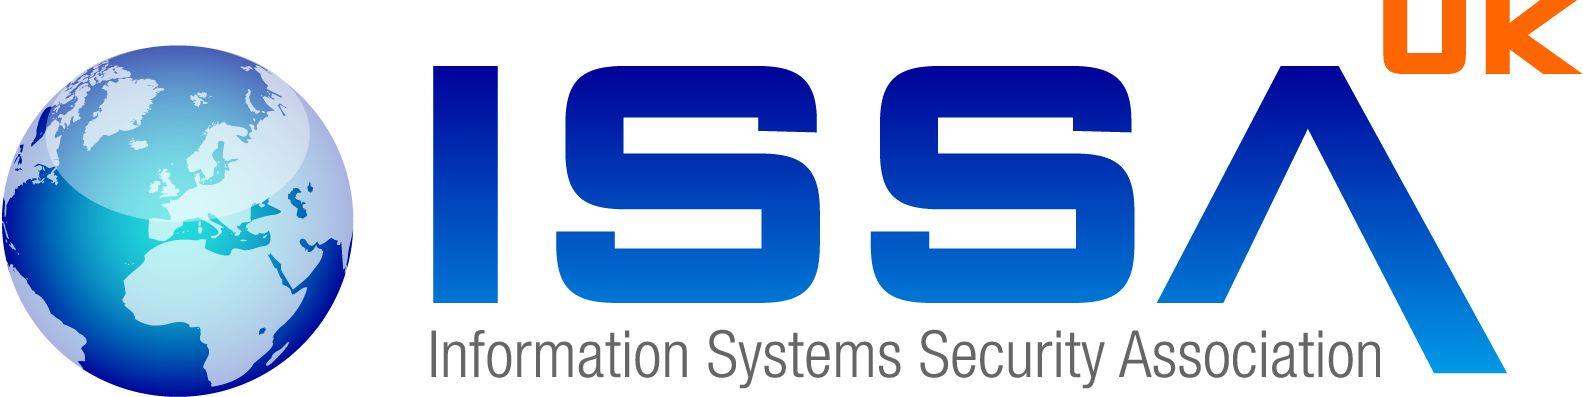 issa-large-logo